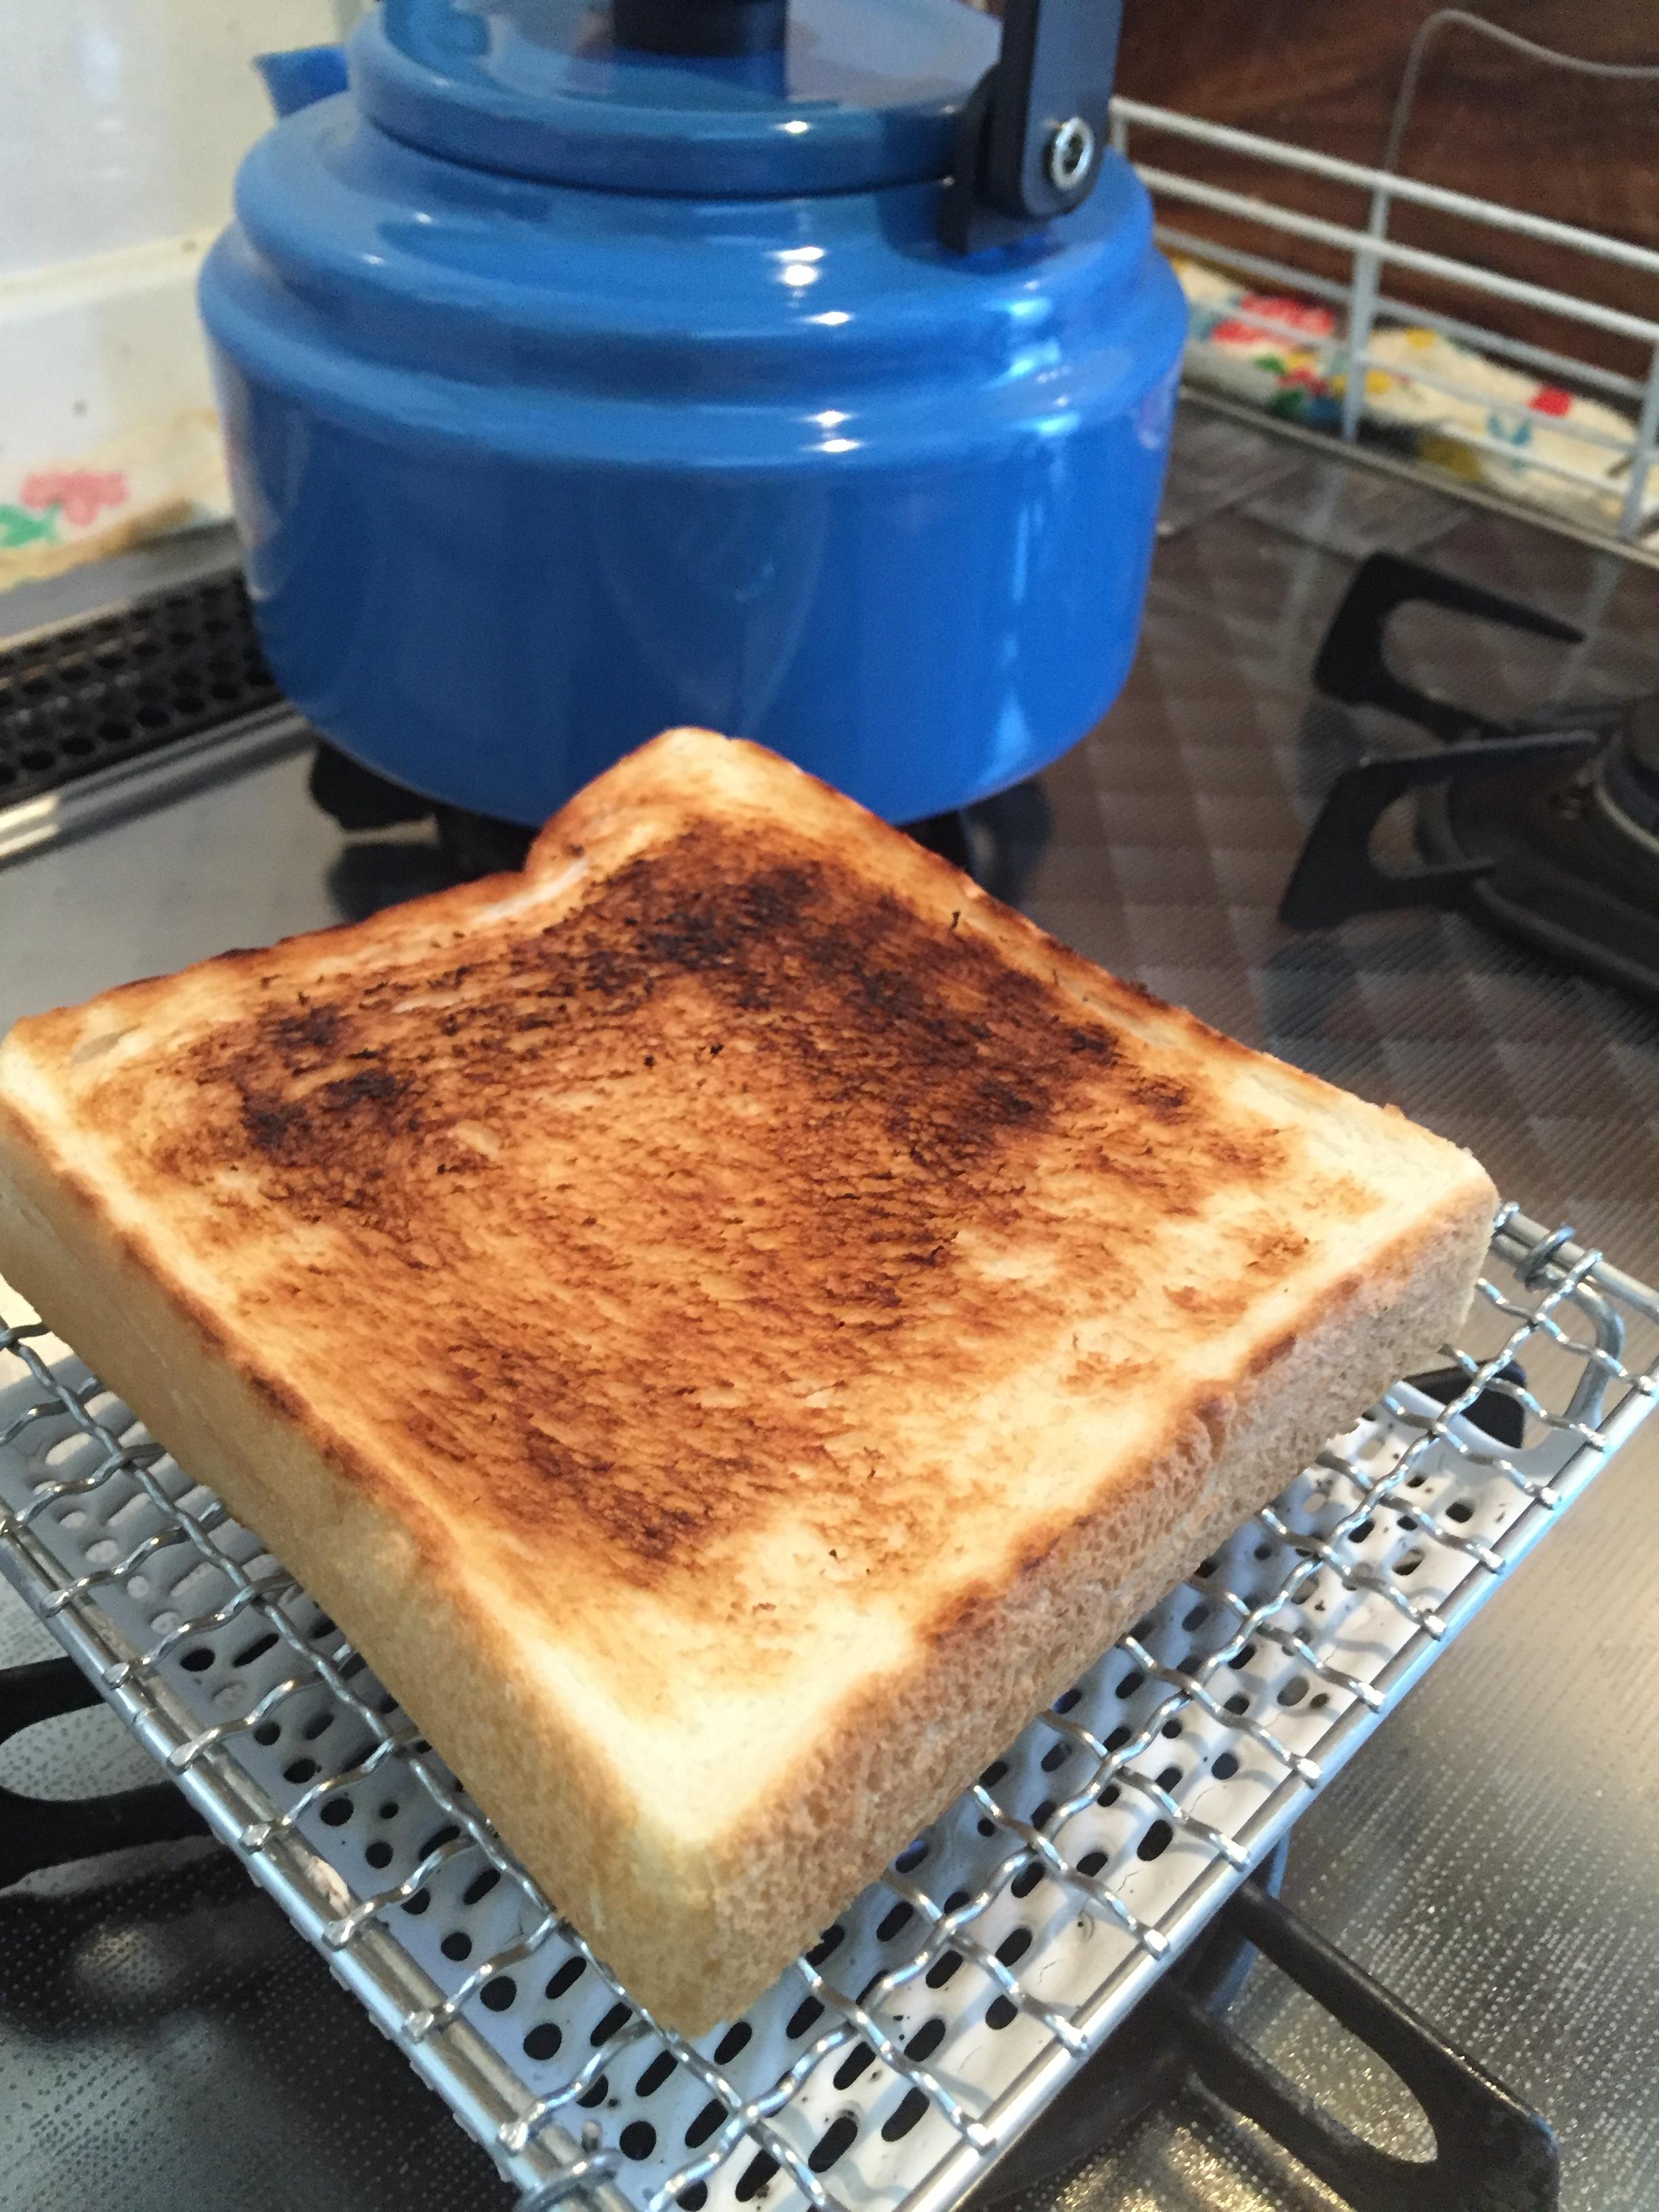 青いケトルとパン